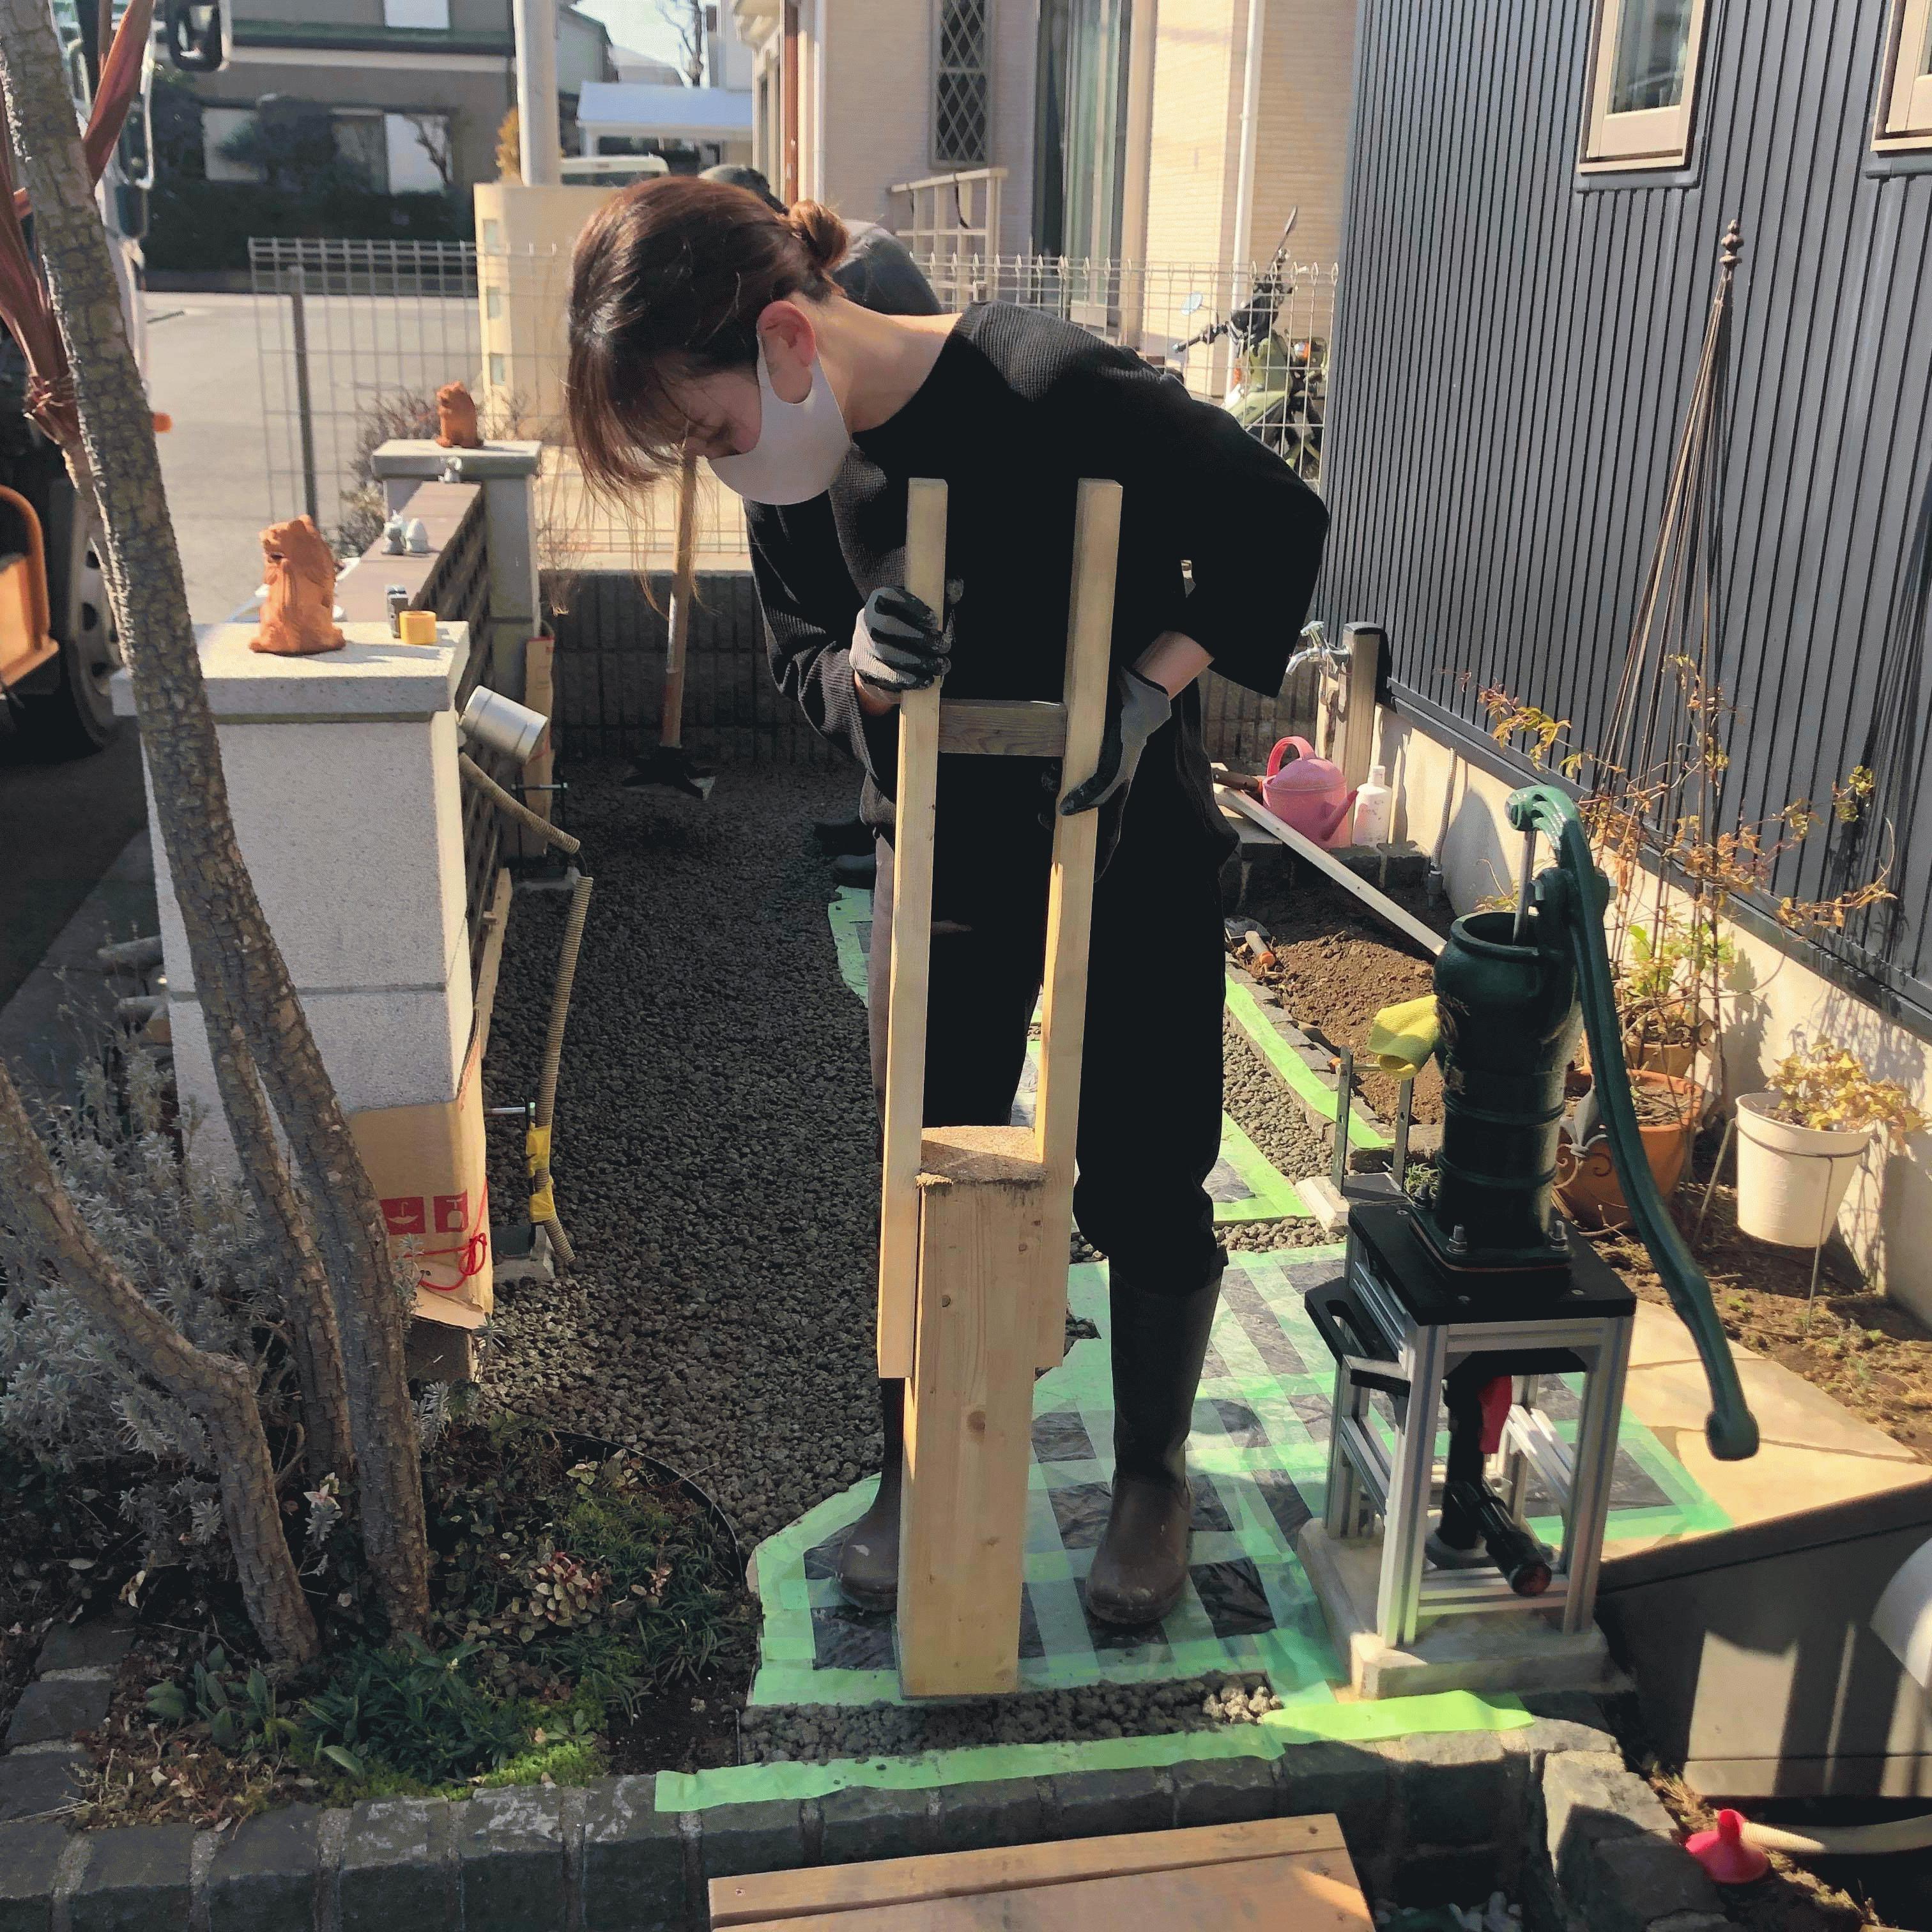 【神奈川】「お休みの日にエクササイズを兼ねてアルバイトをしませんか」伊藤知安商店・DIY